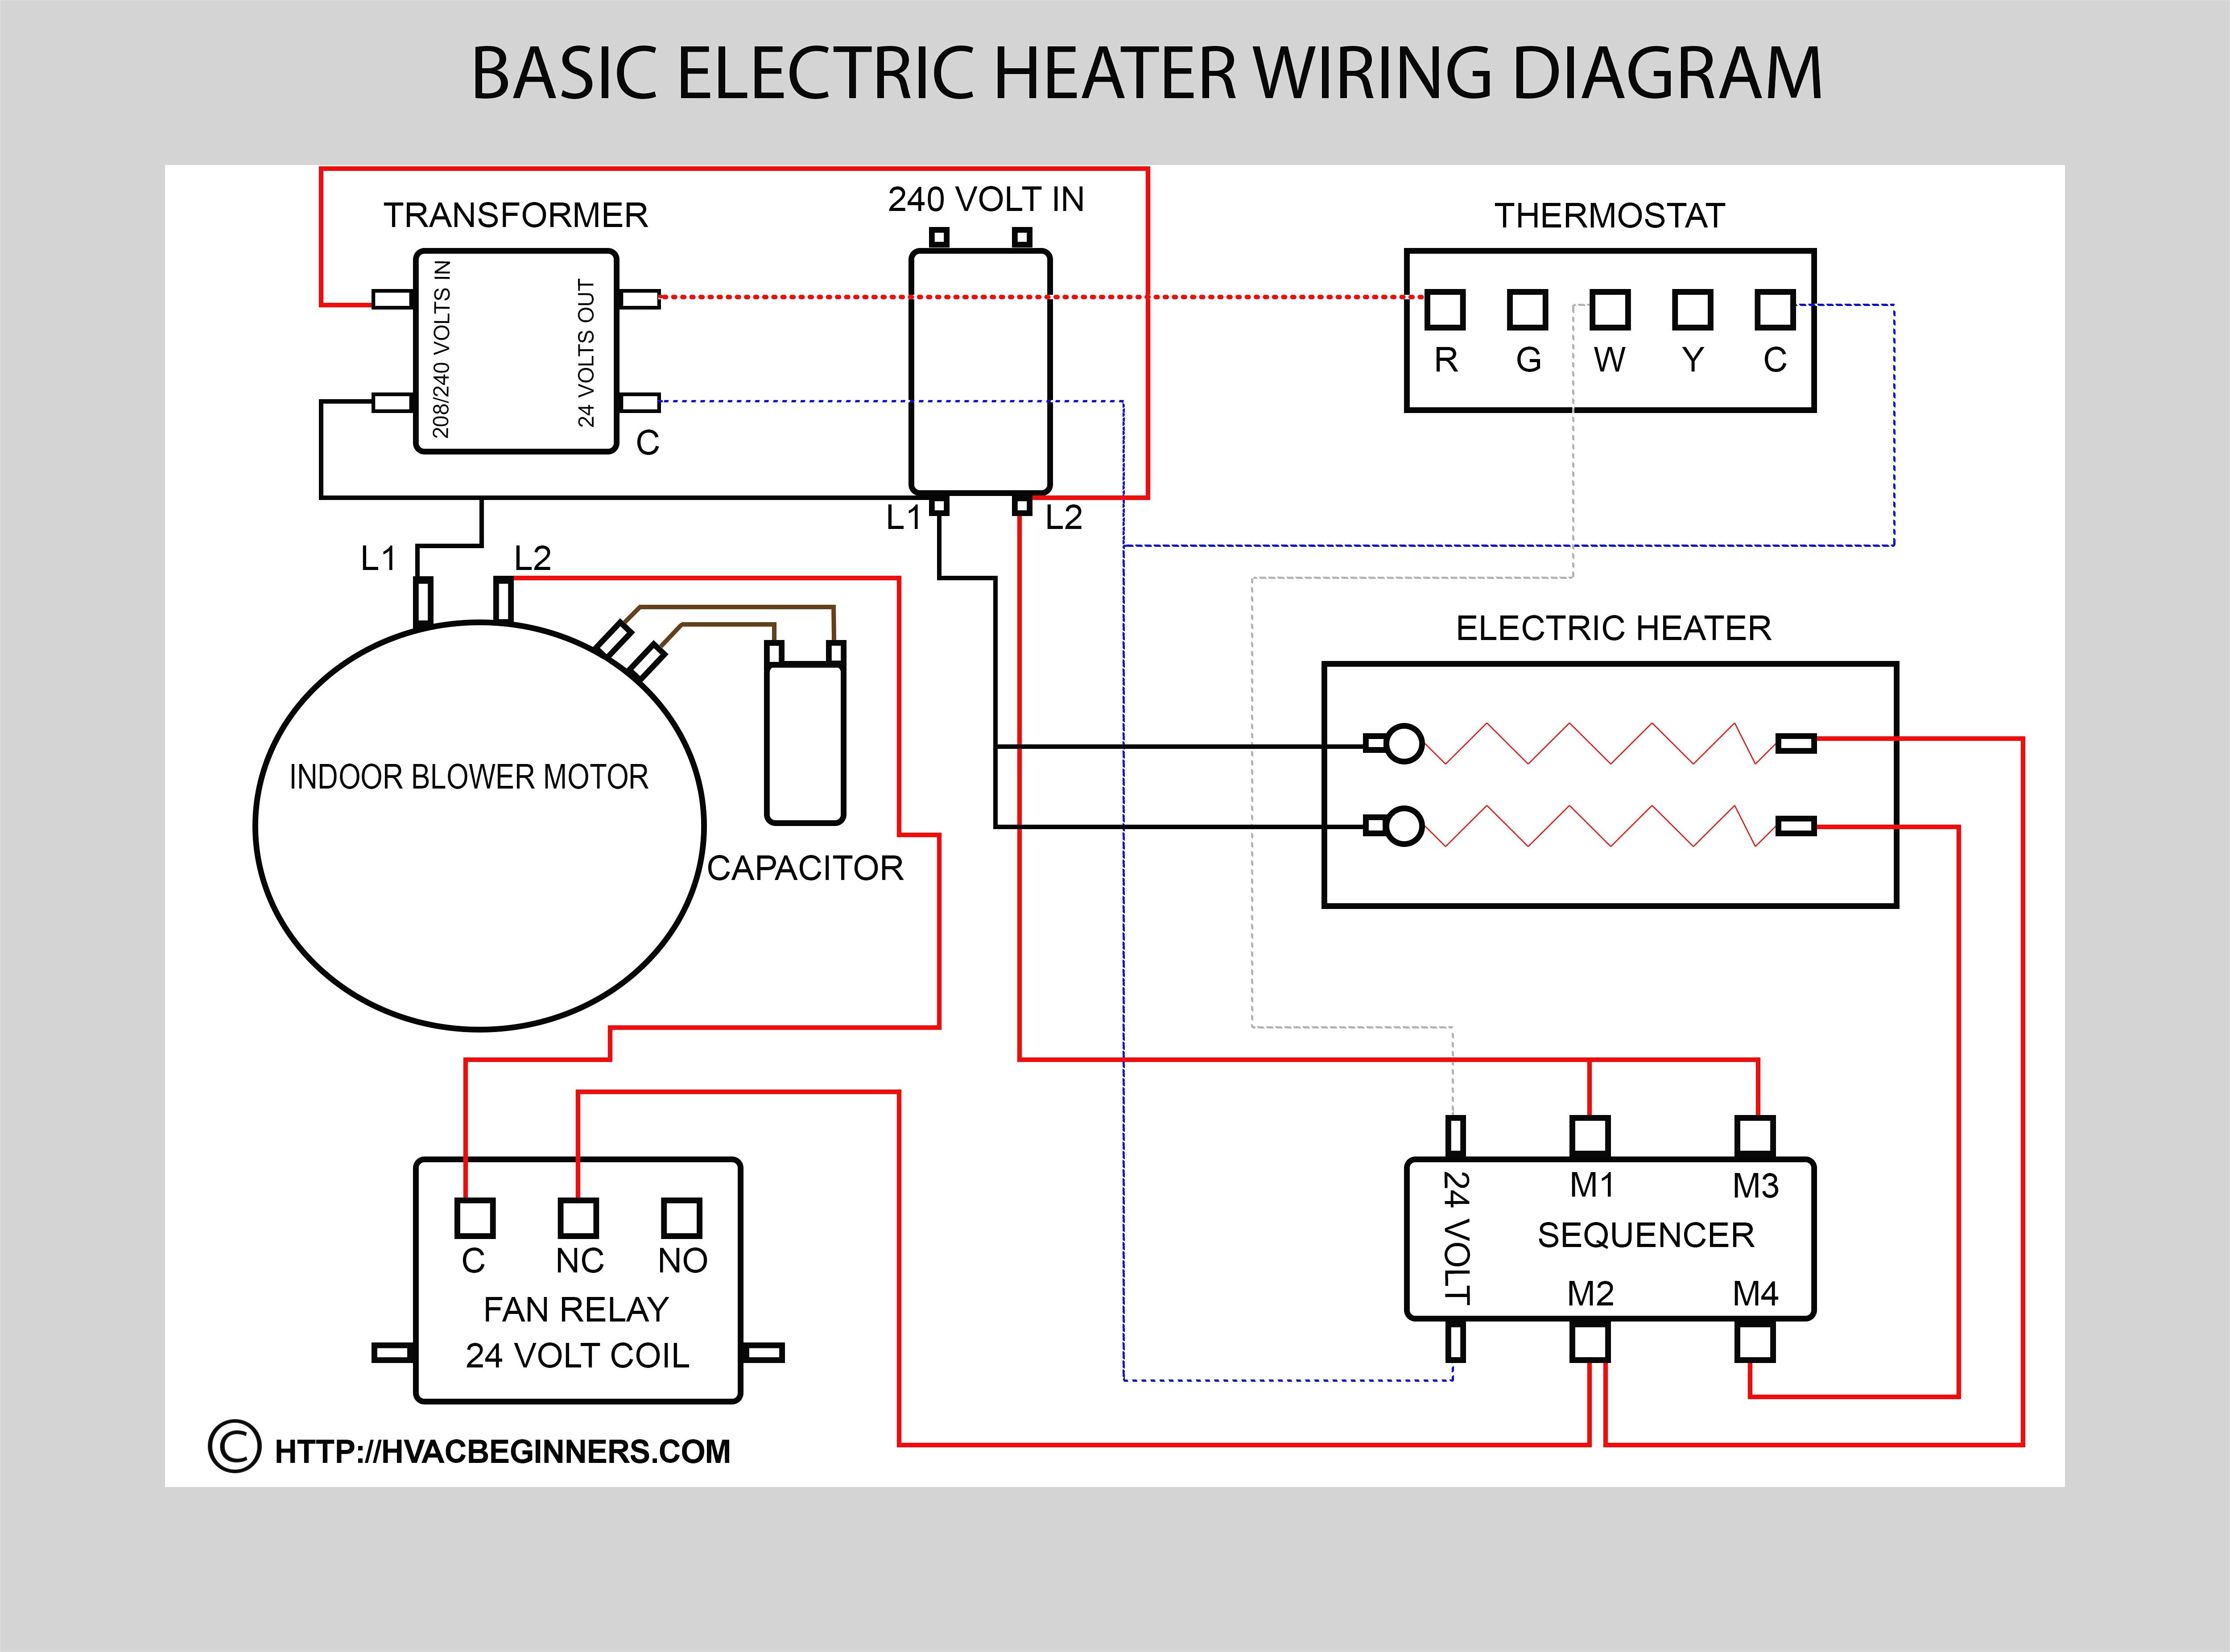 Ac Wiring Diagram - Wiring Diagrams Hubs - Ac Wiring Diagram